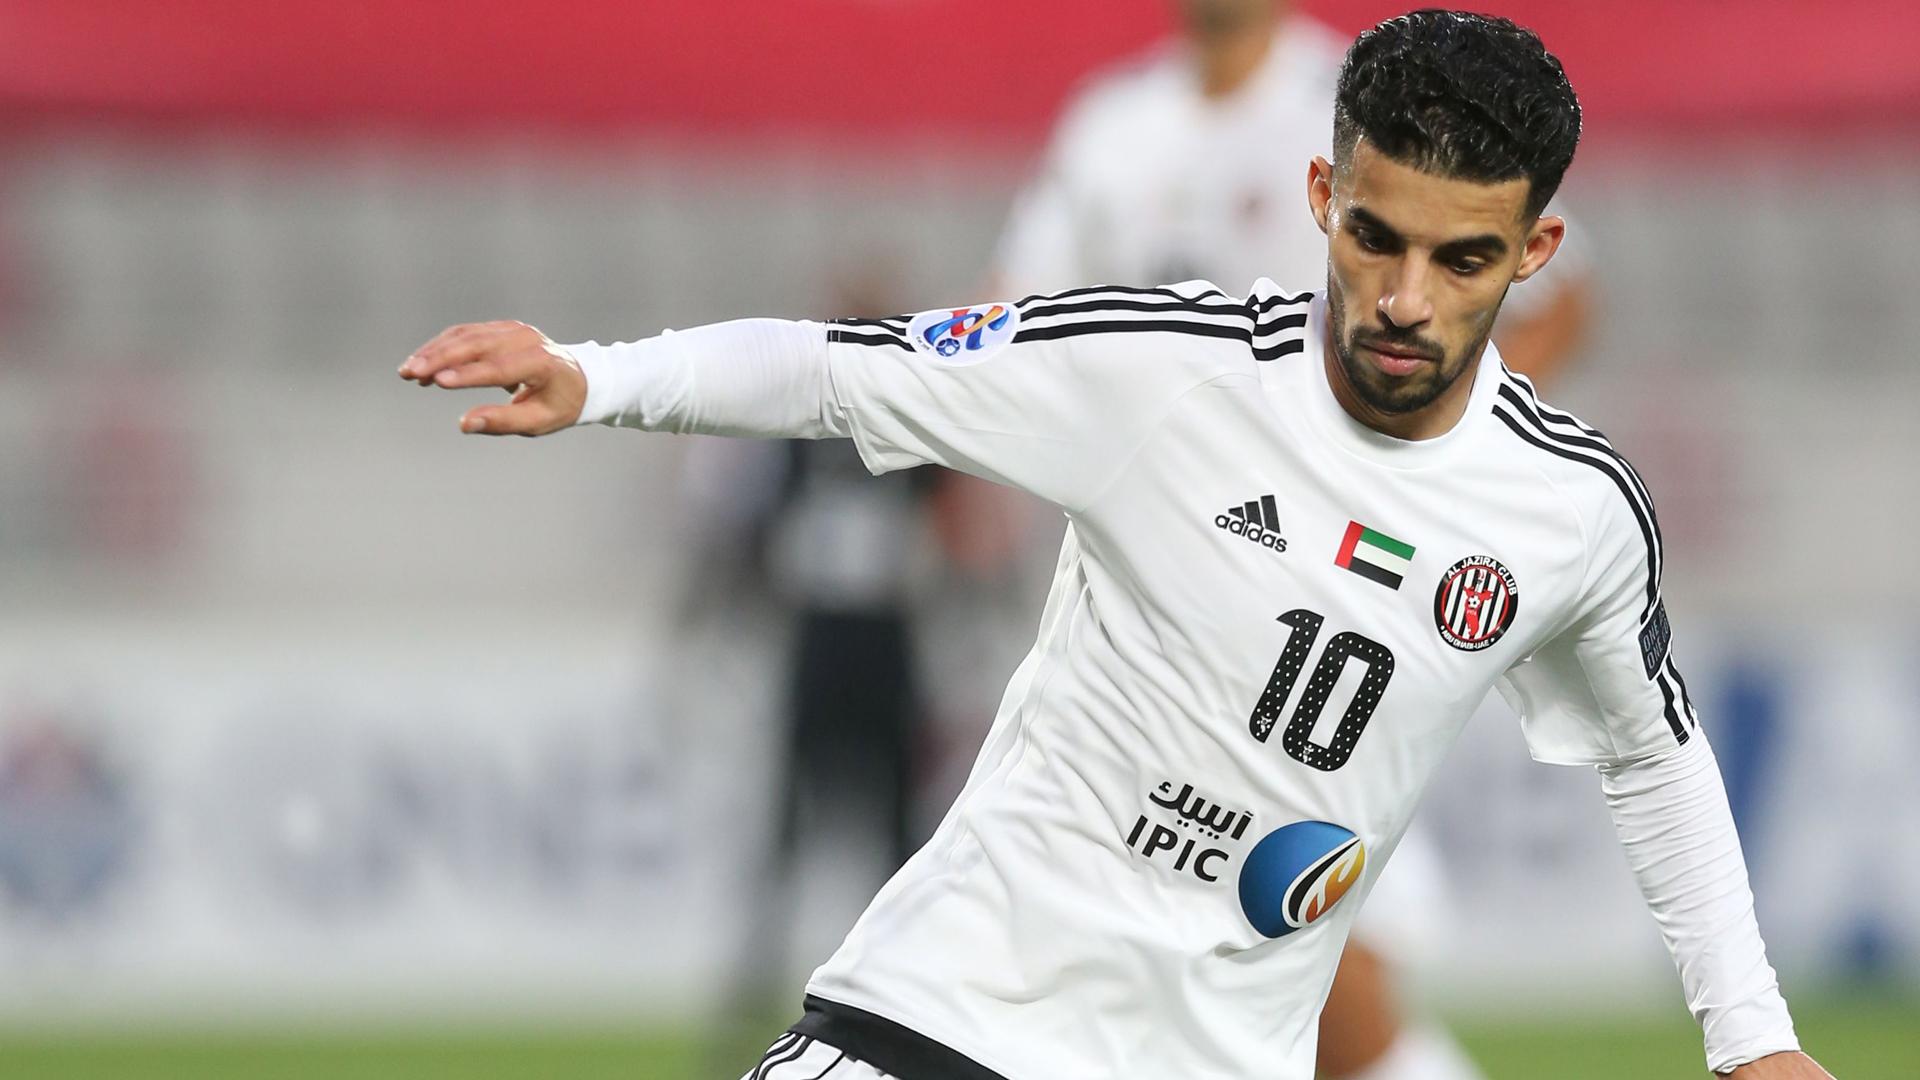 Boussoufa Mbark Lekhwiya Al-Jazira AFC Champions League 2017